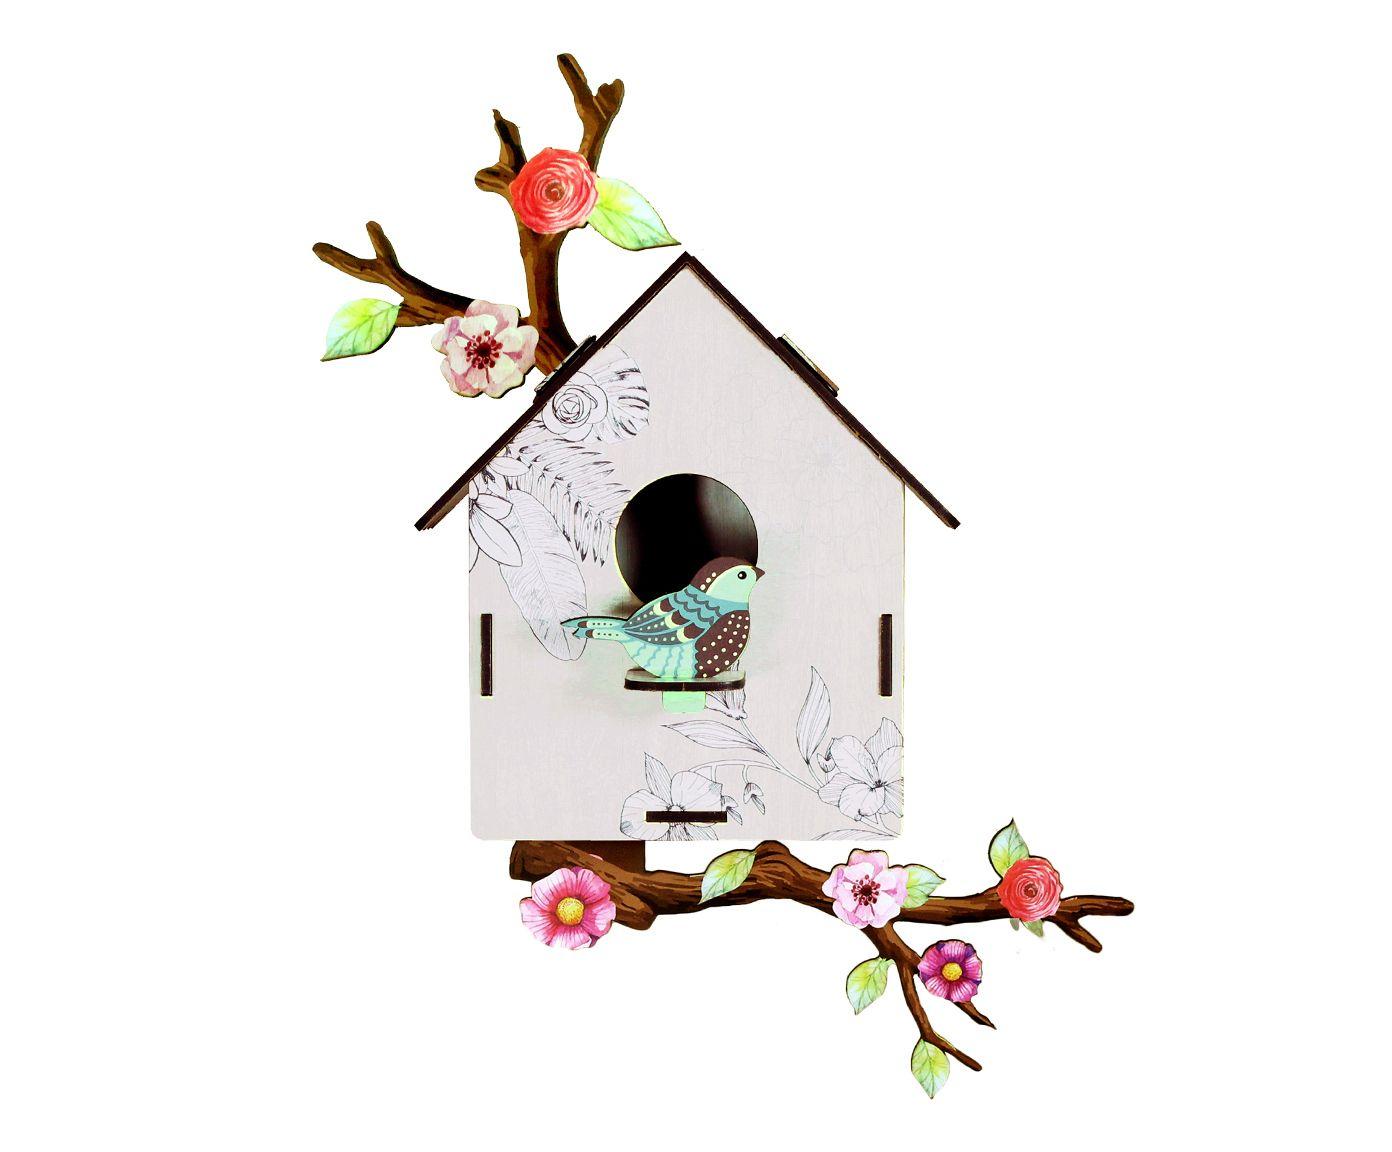 Adorno Casa de Passarinho Aaron | Westwing.com.br